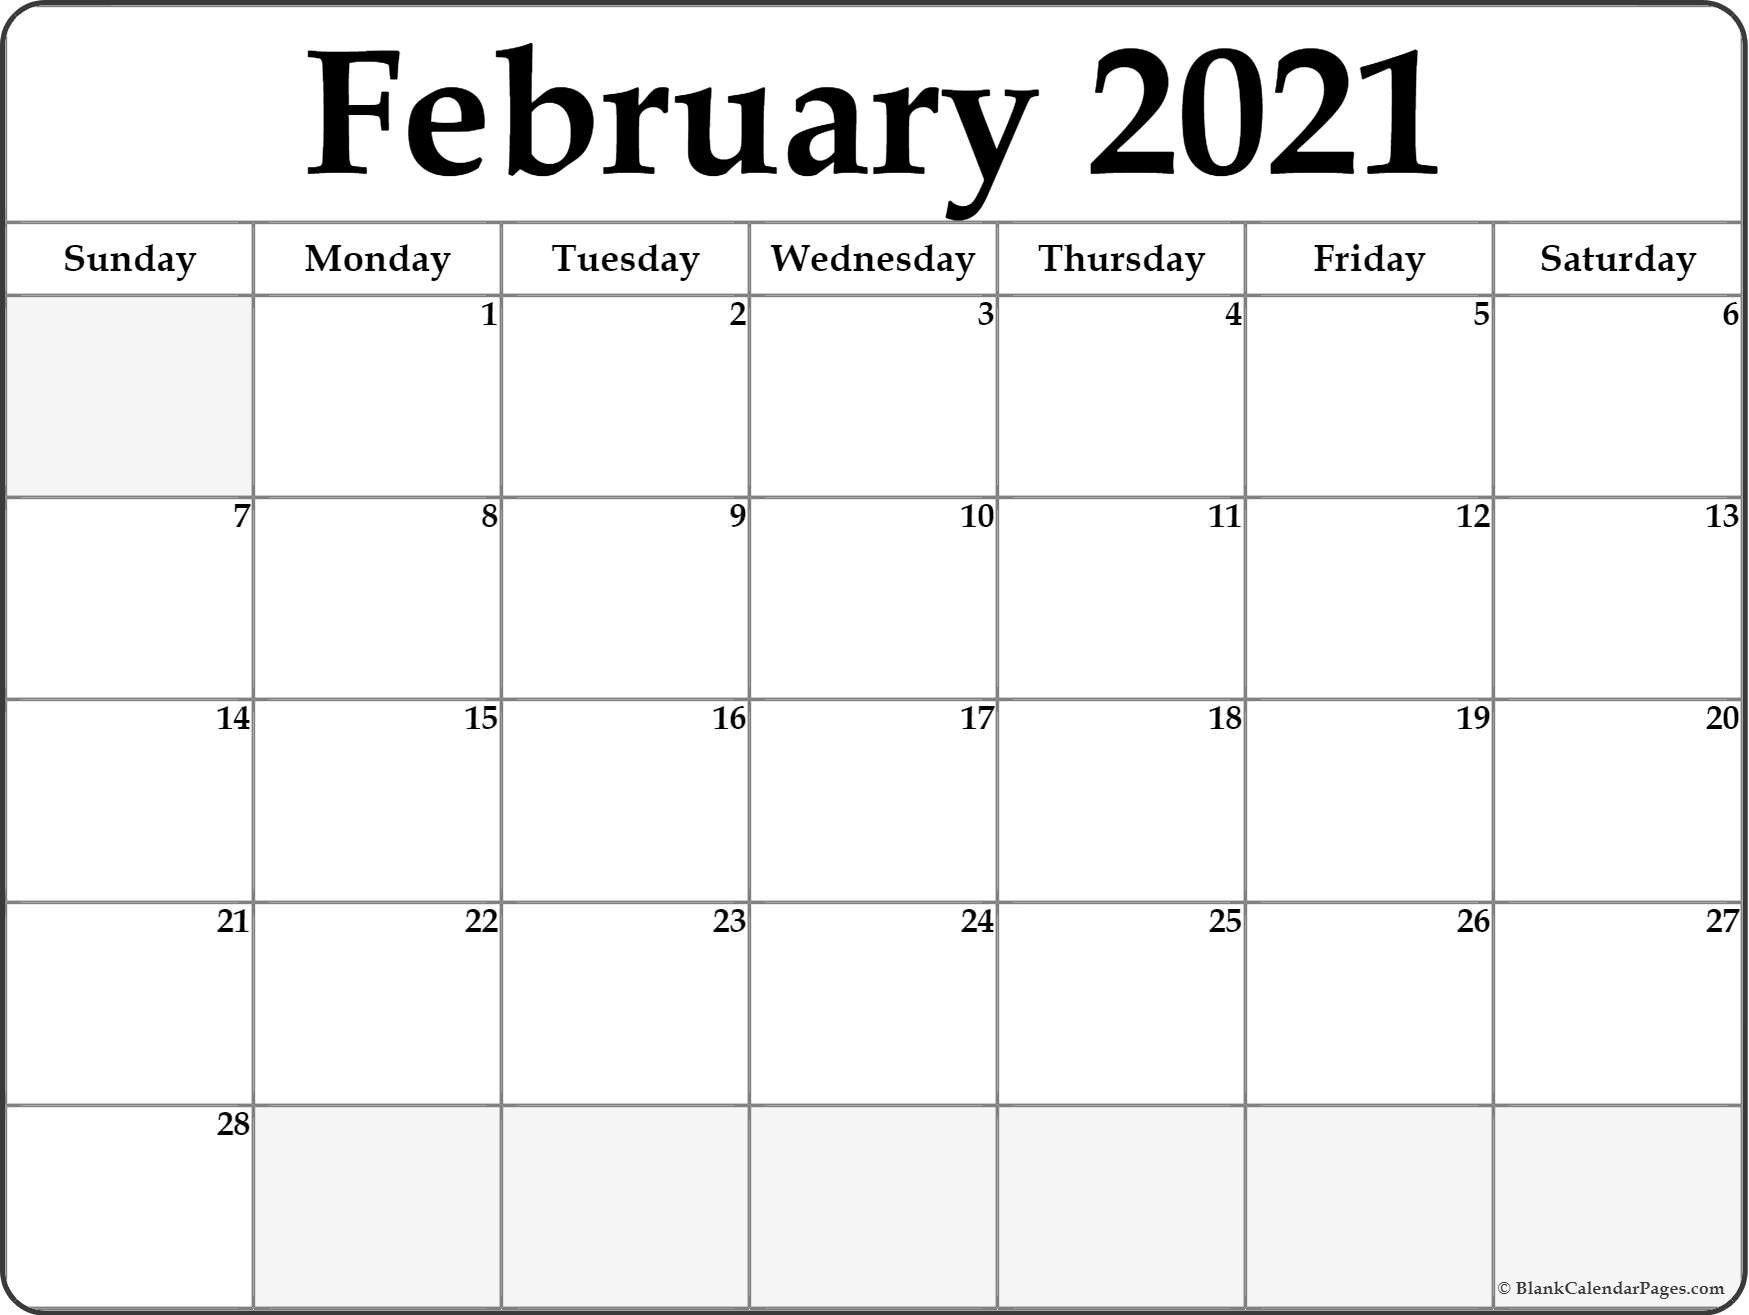 Calendar February 2021 Editable Planner In 2020 | February  Monthly Calendar 2021